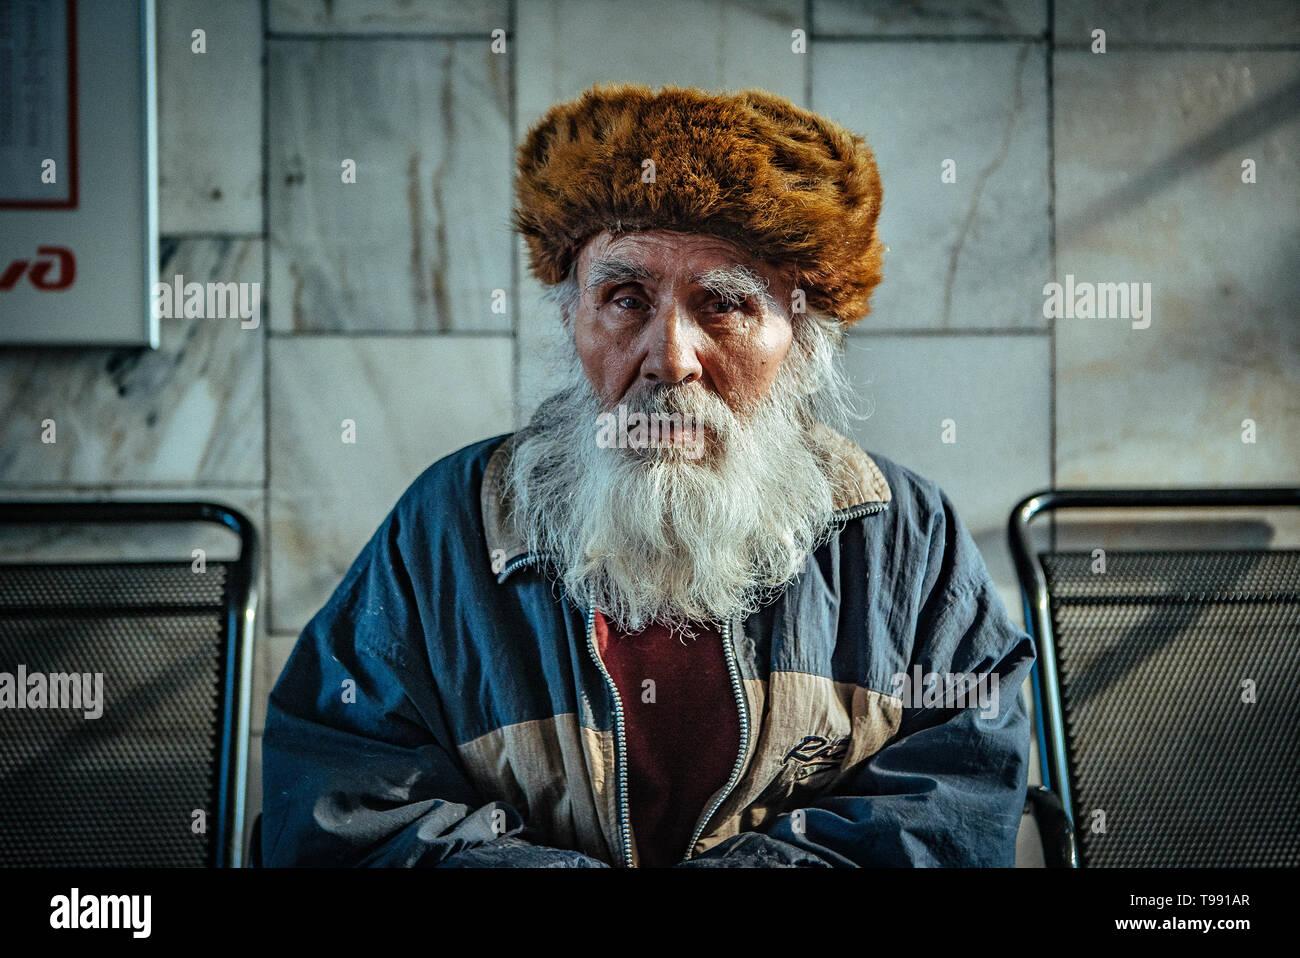 Vieil homme à barbe à la gare d'Irkoutsk, Russie Banque D'Images